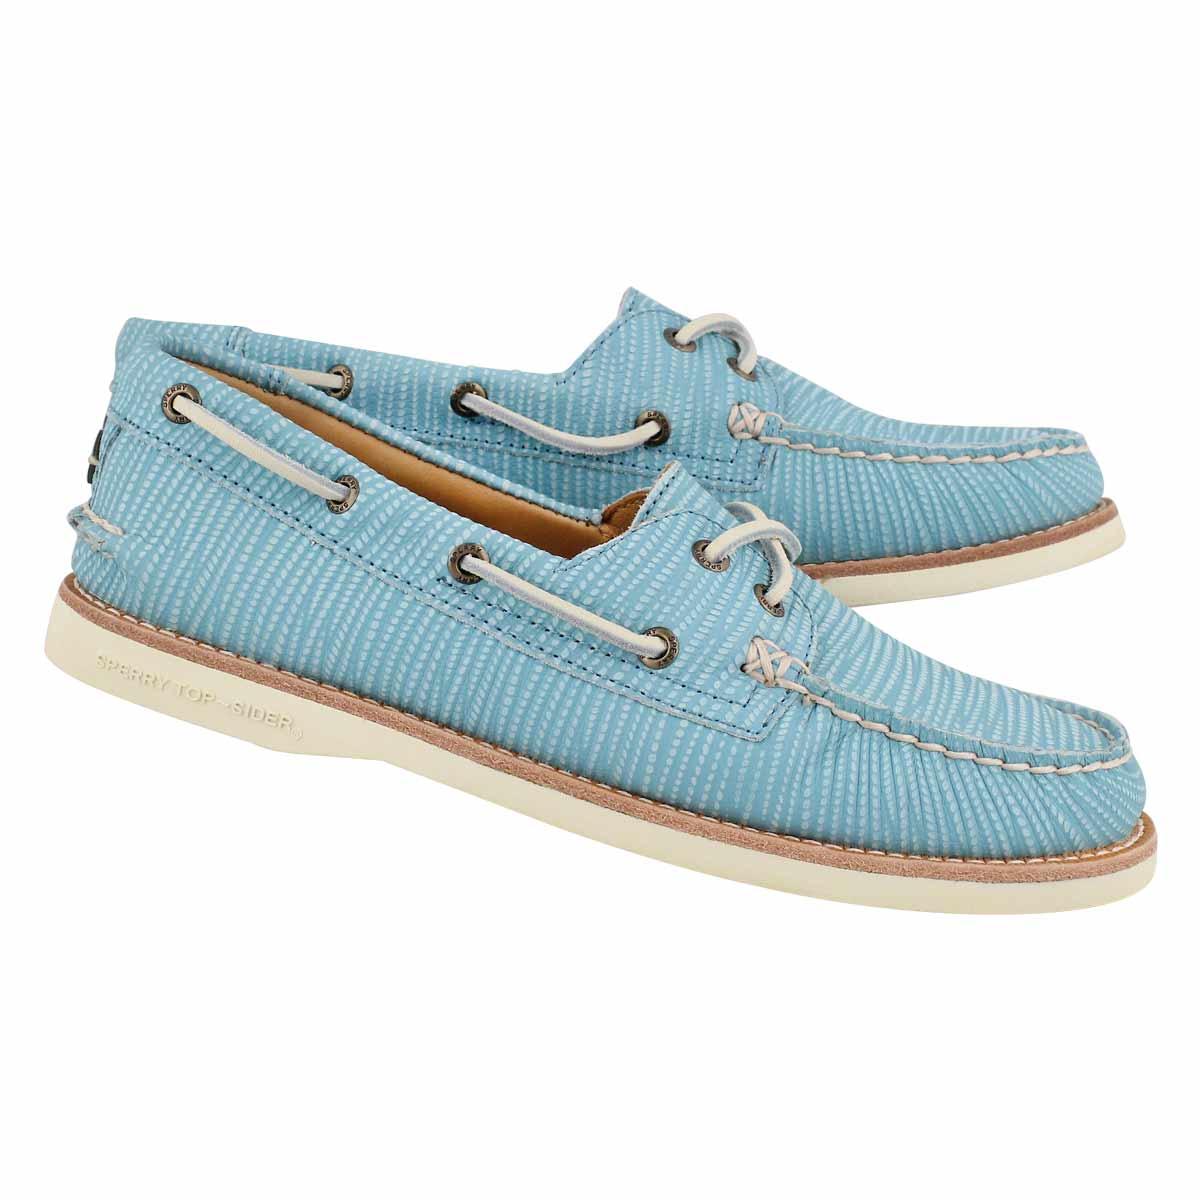 Lds Gold Cup A/O aqua boat shoe